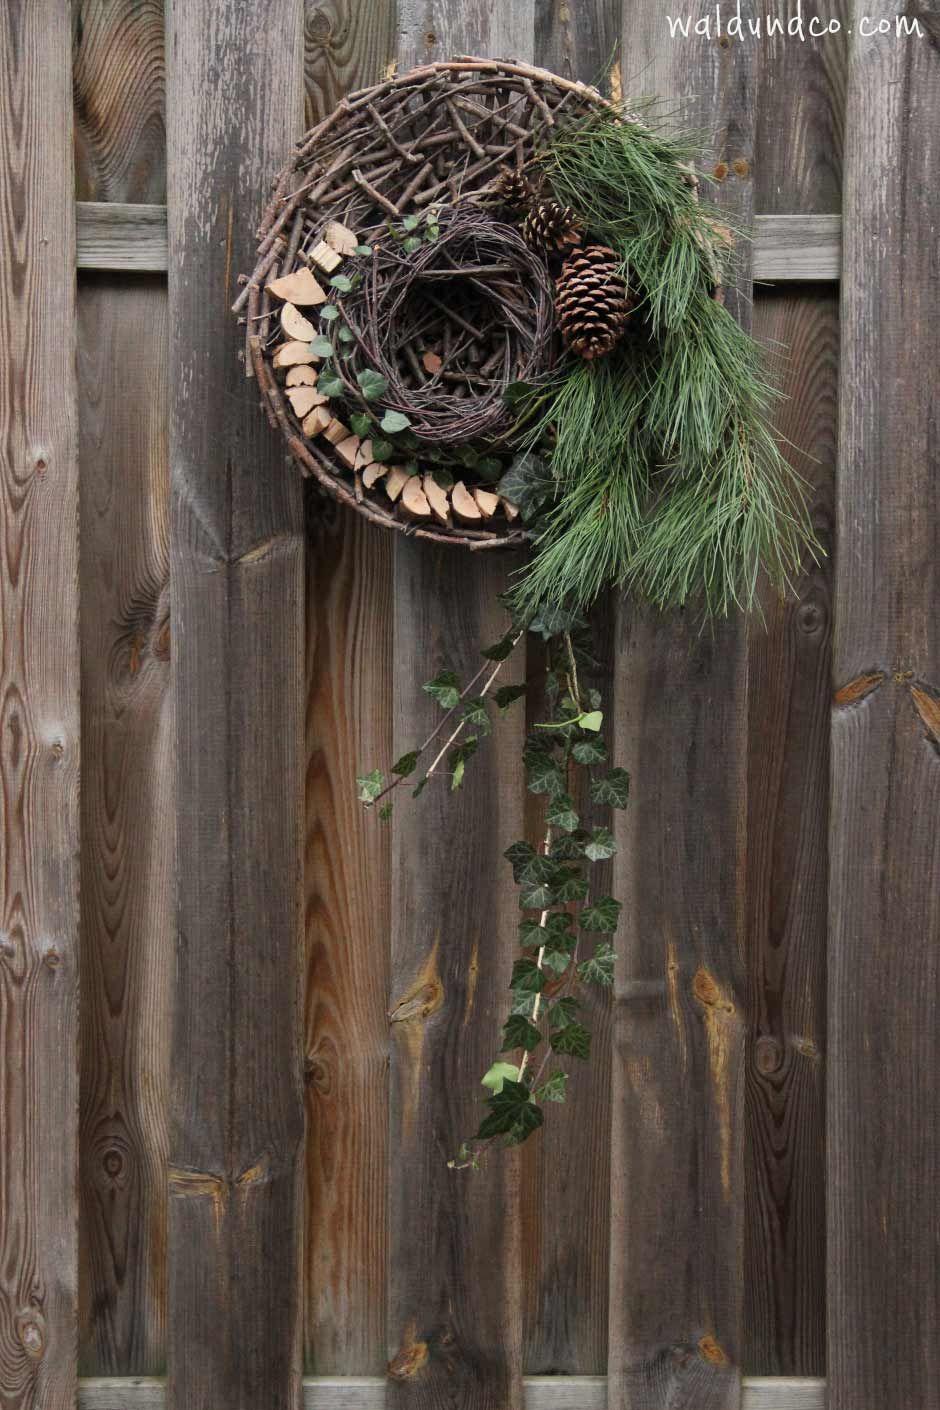 Our beautifully self made wreath. Wald & Co http://www.waldundco.com/ein-schoner-kranz-aus-naturmaterialien/